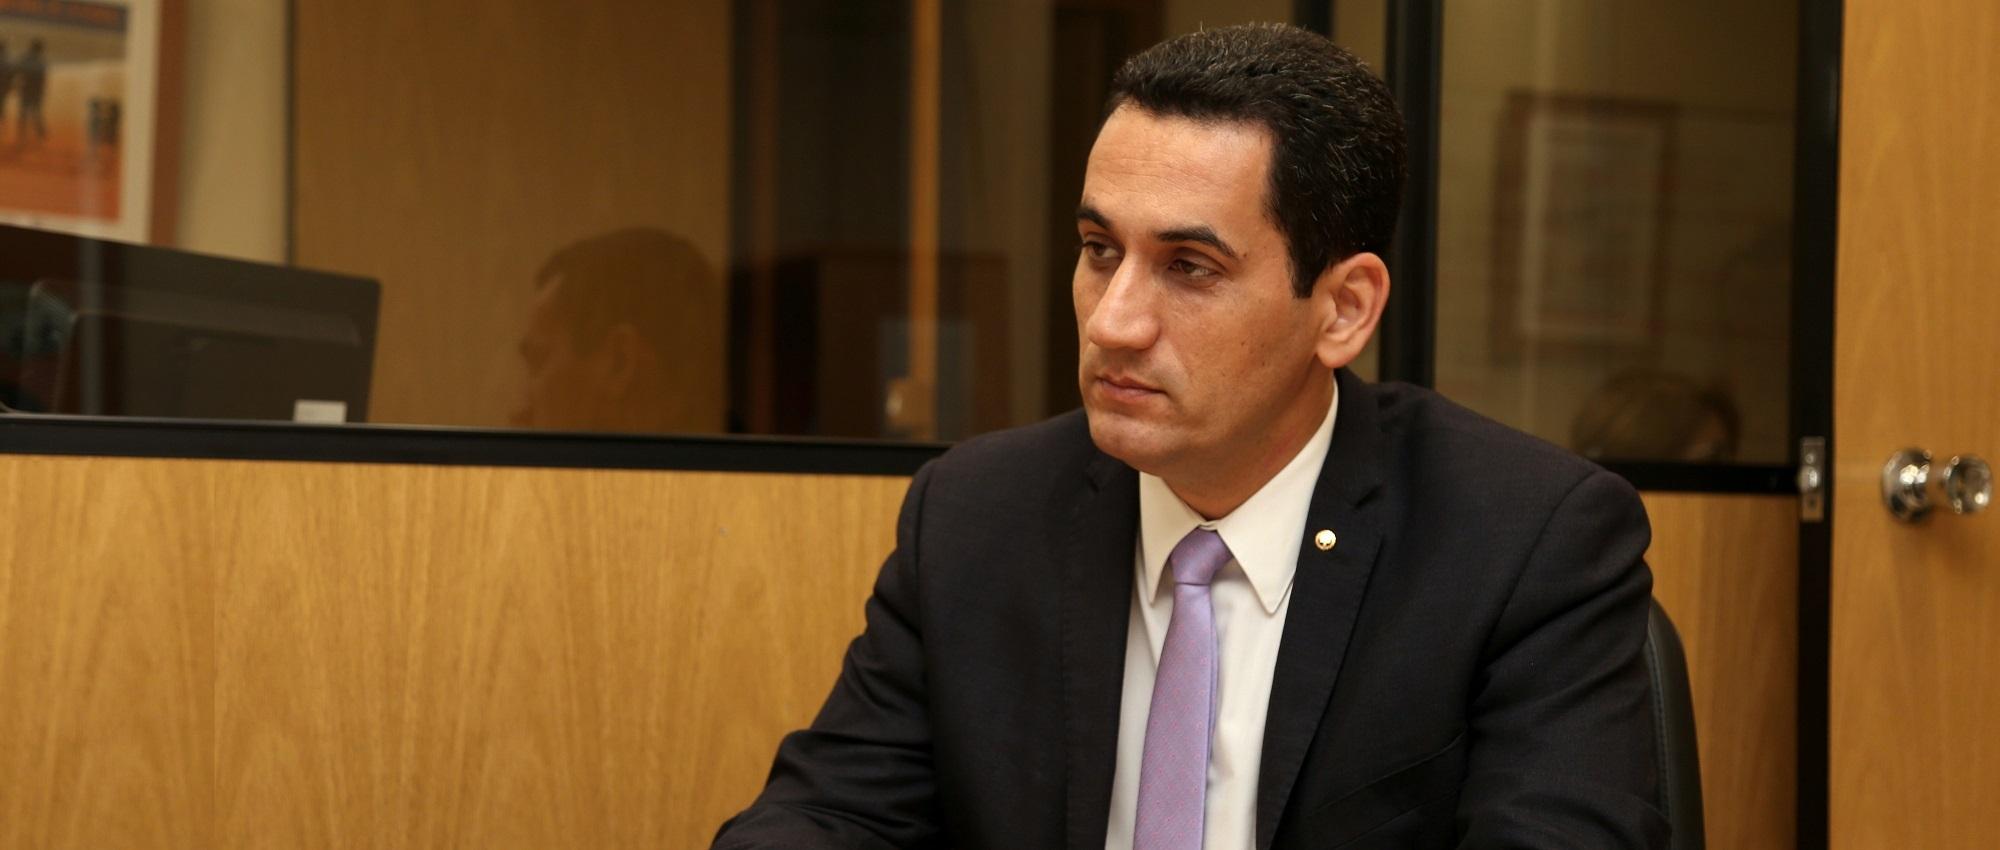 O juiz Sérgio Luiz Ribeiro, que foi designado pelo presidente do CNJ para participar do Fórum Nacional da Infância e da Juventude